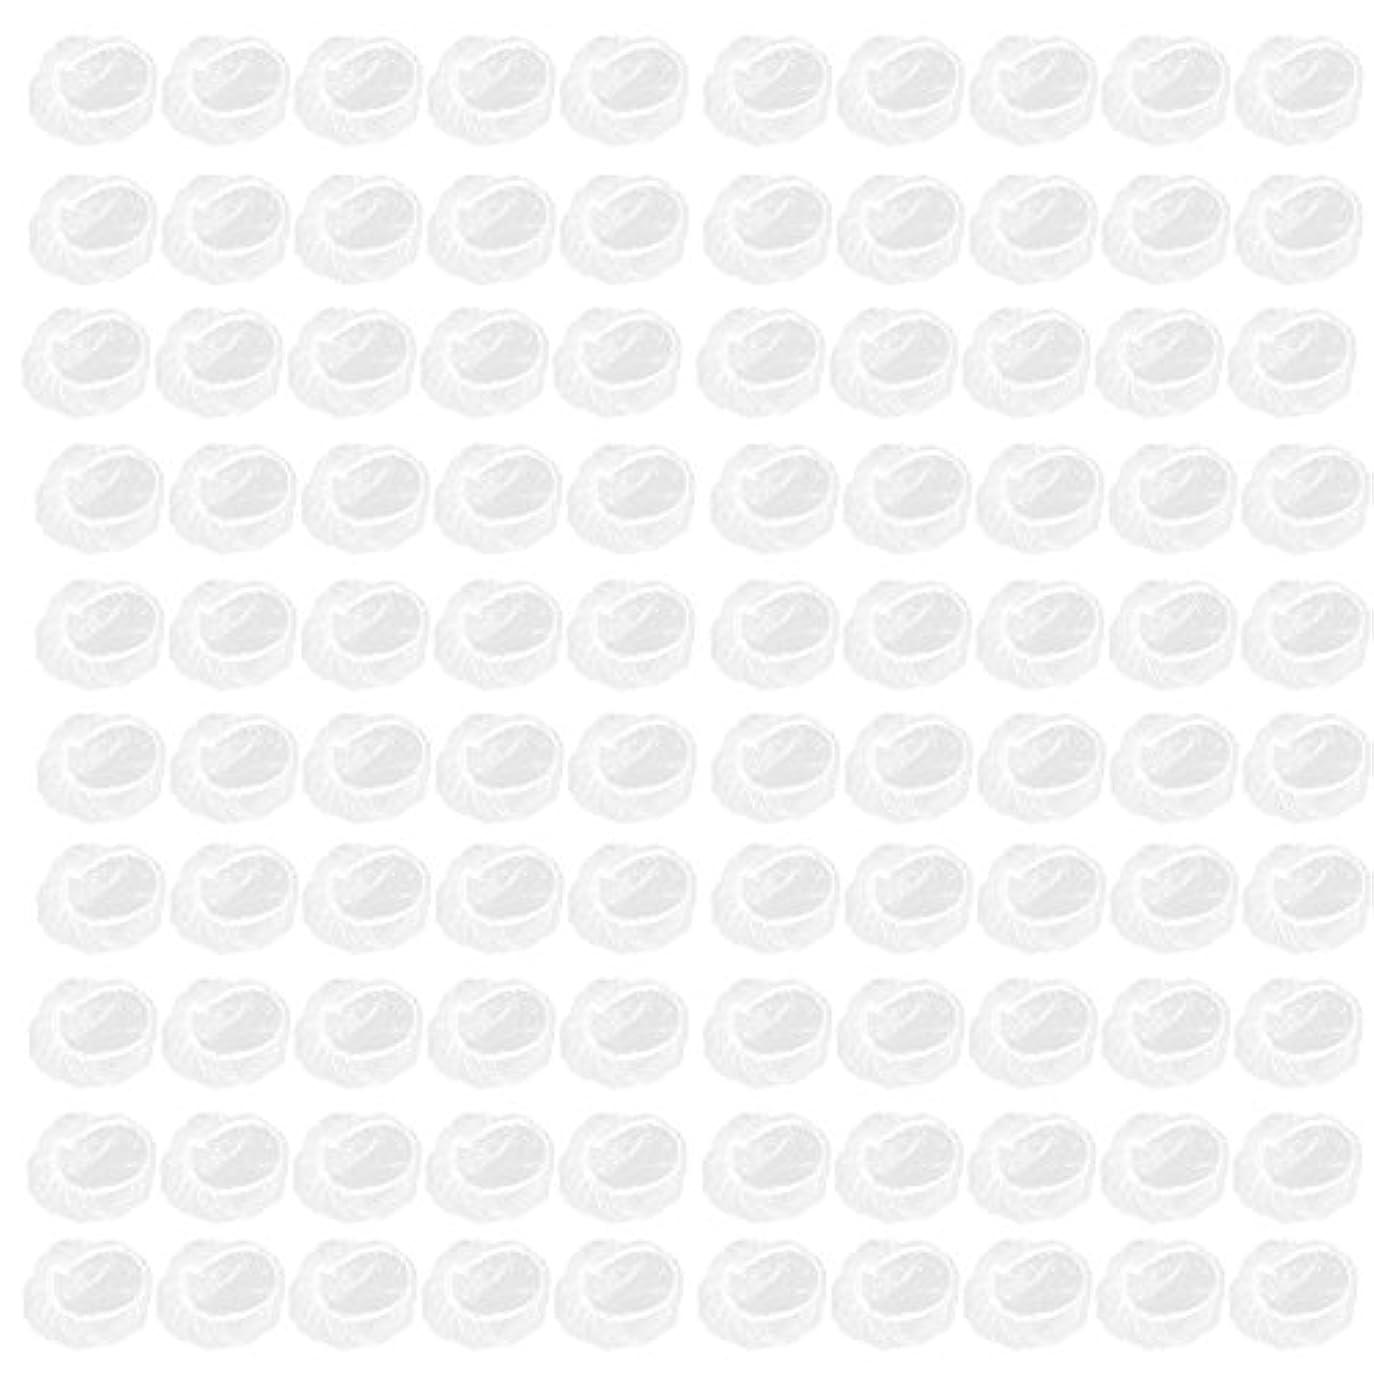 トピックトピック前文Decdeal 耳カバー 100個 使い捨て耳覆い サロン ヘアドレッシング 防水 耳プロテクター ヘアダイシールド 保護 耳 保護ツール